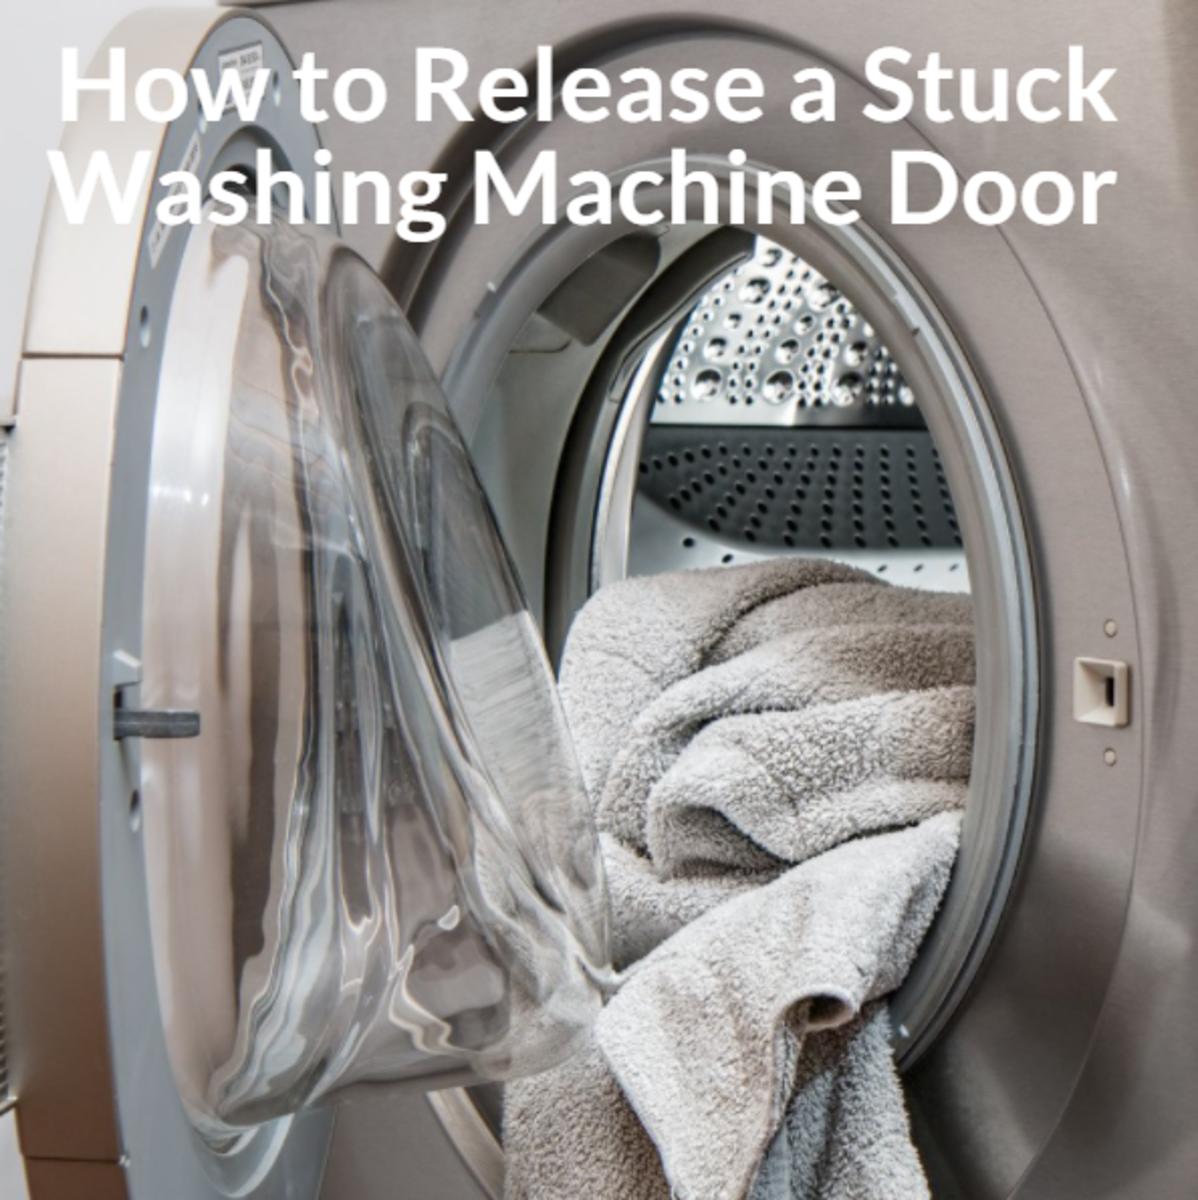 how-to-release-a-stuck-washing-machine-door